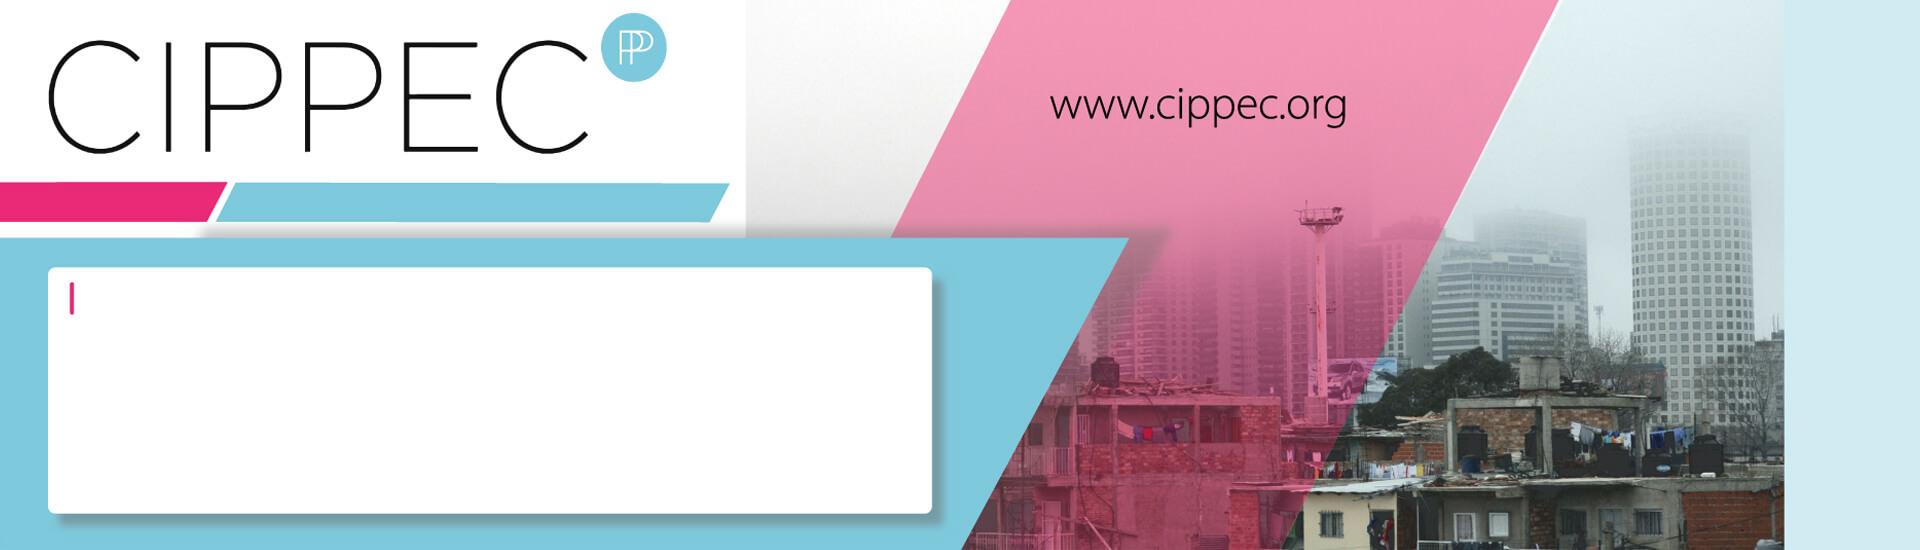 CIPPEC BAM2.1 AMBA RMBA FUNCACION METROPOLITANA BUENOS AIRES METROPOLITANA